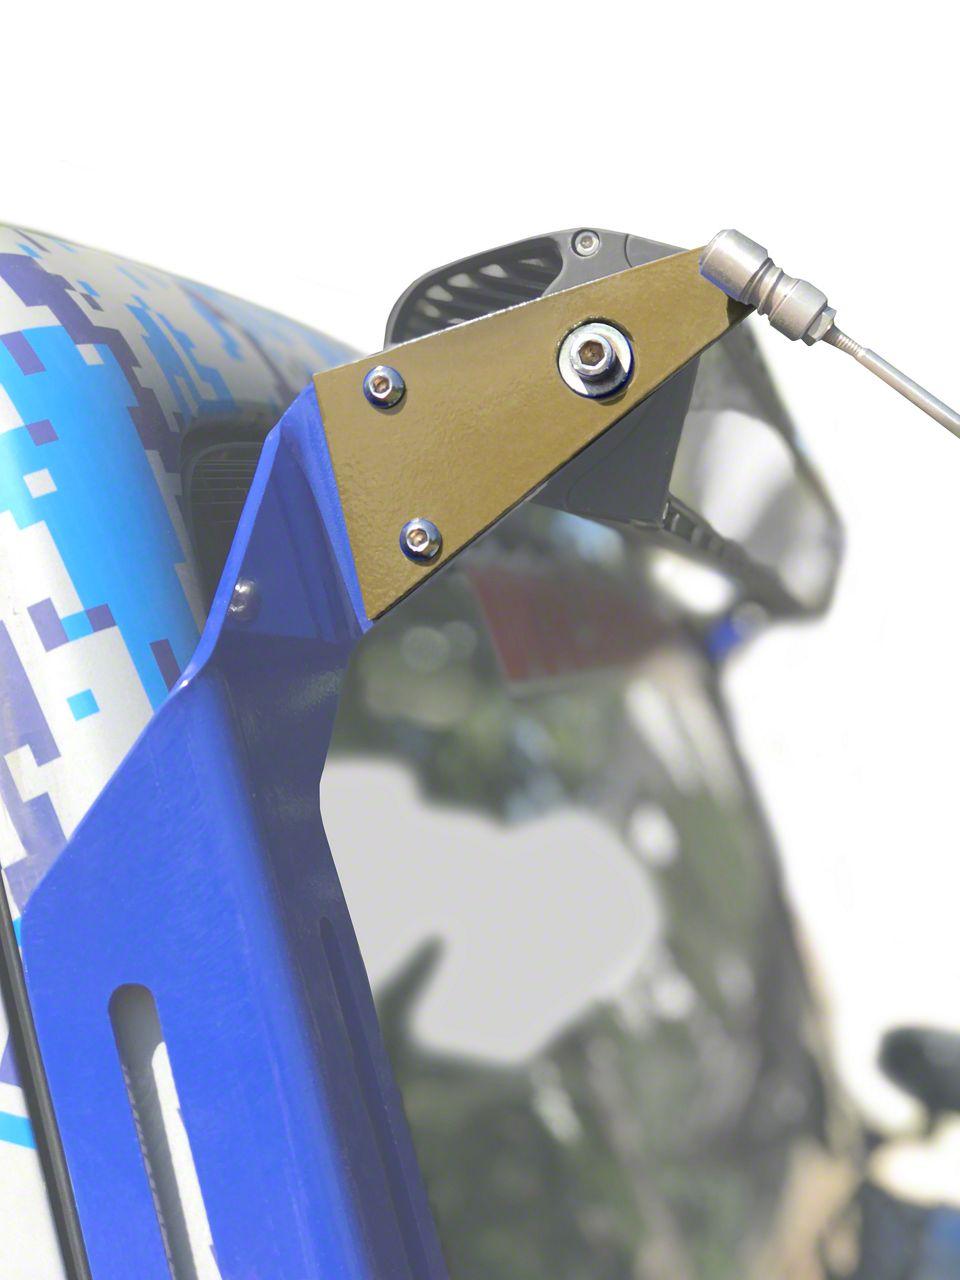 Steinjager A-Pillar Limb Riser Adaptor Brackets - Military Beige (07-18 Jeep Wrangler JK)